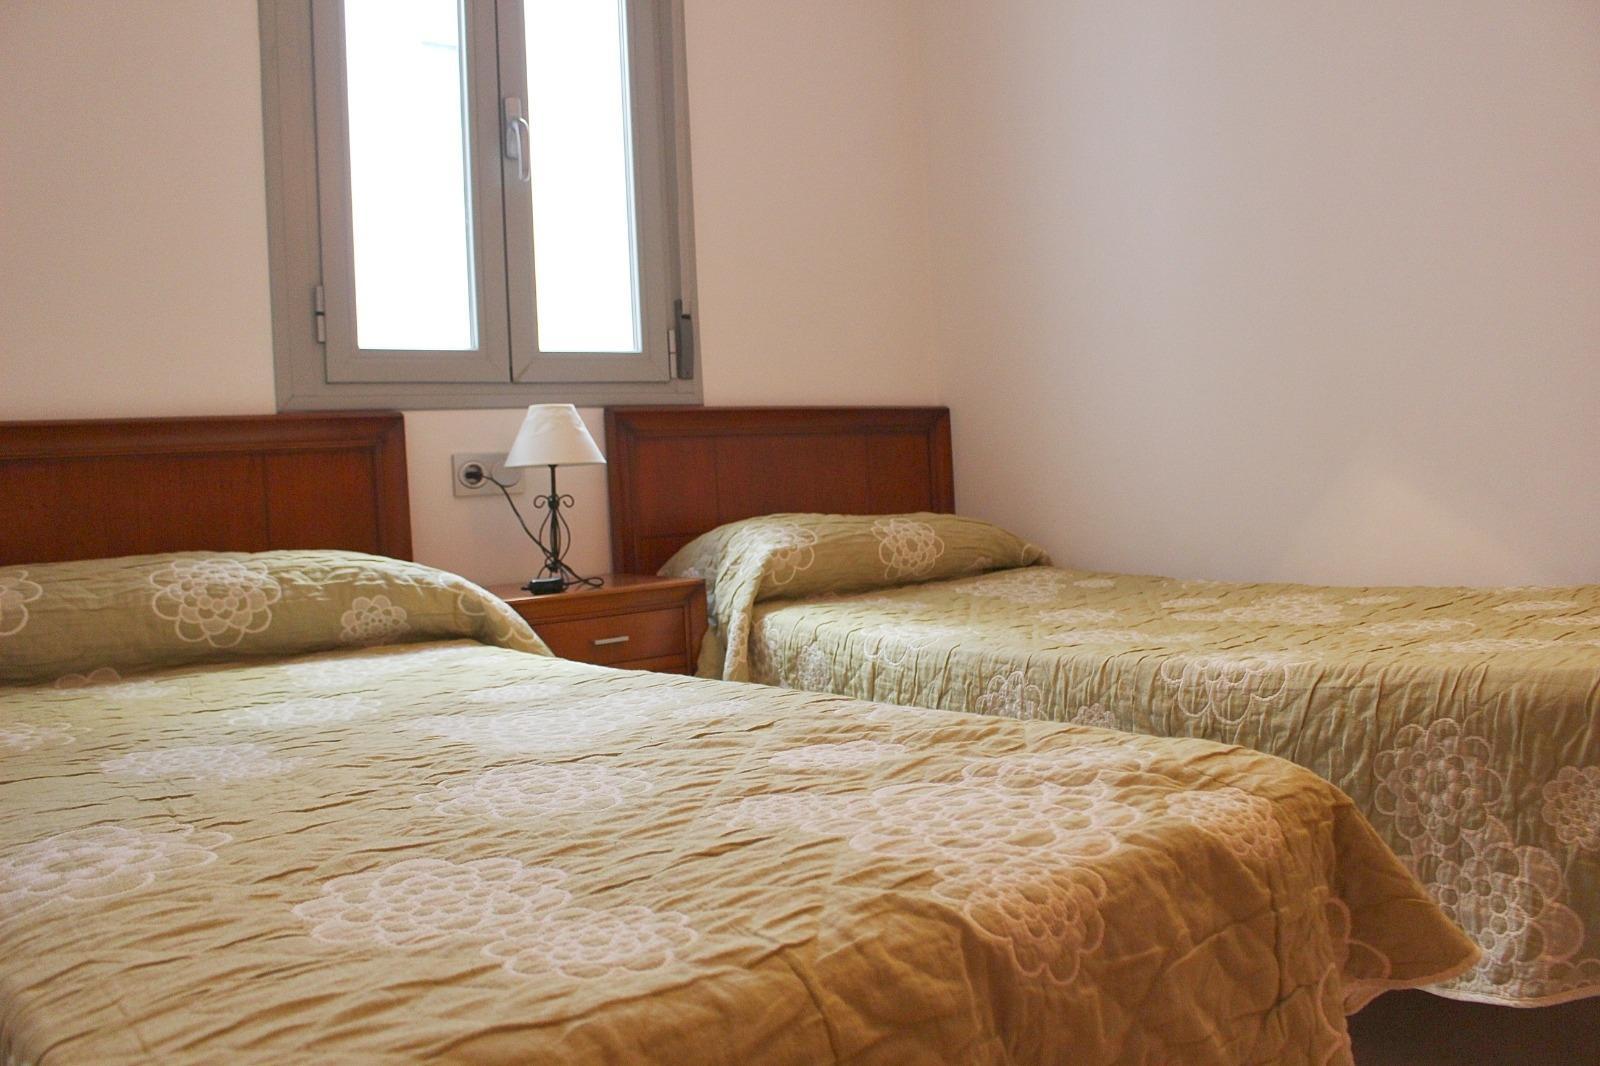 Piso en alquiler con opción a compra en San Matías-Realejo (Granada), 750 €/mes